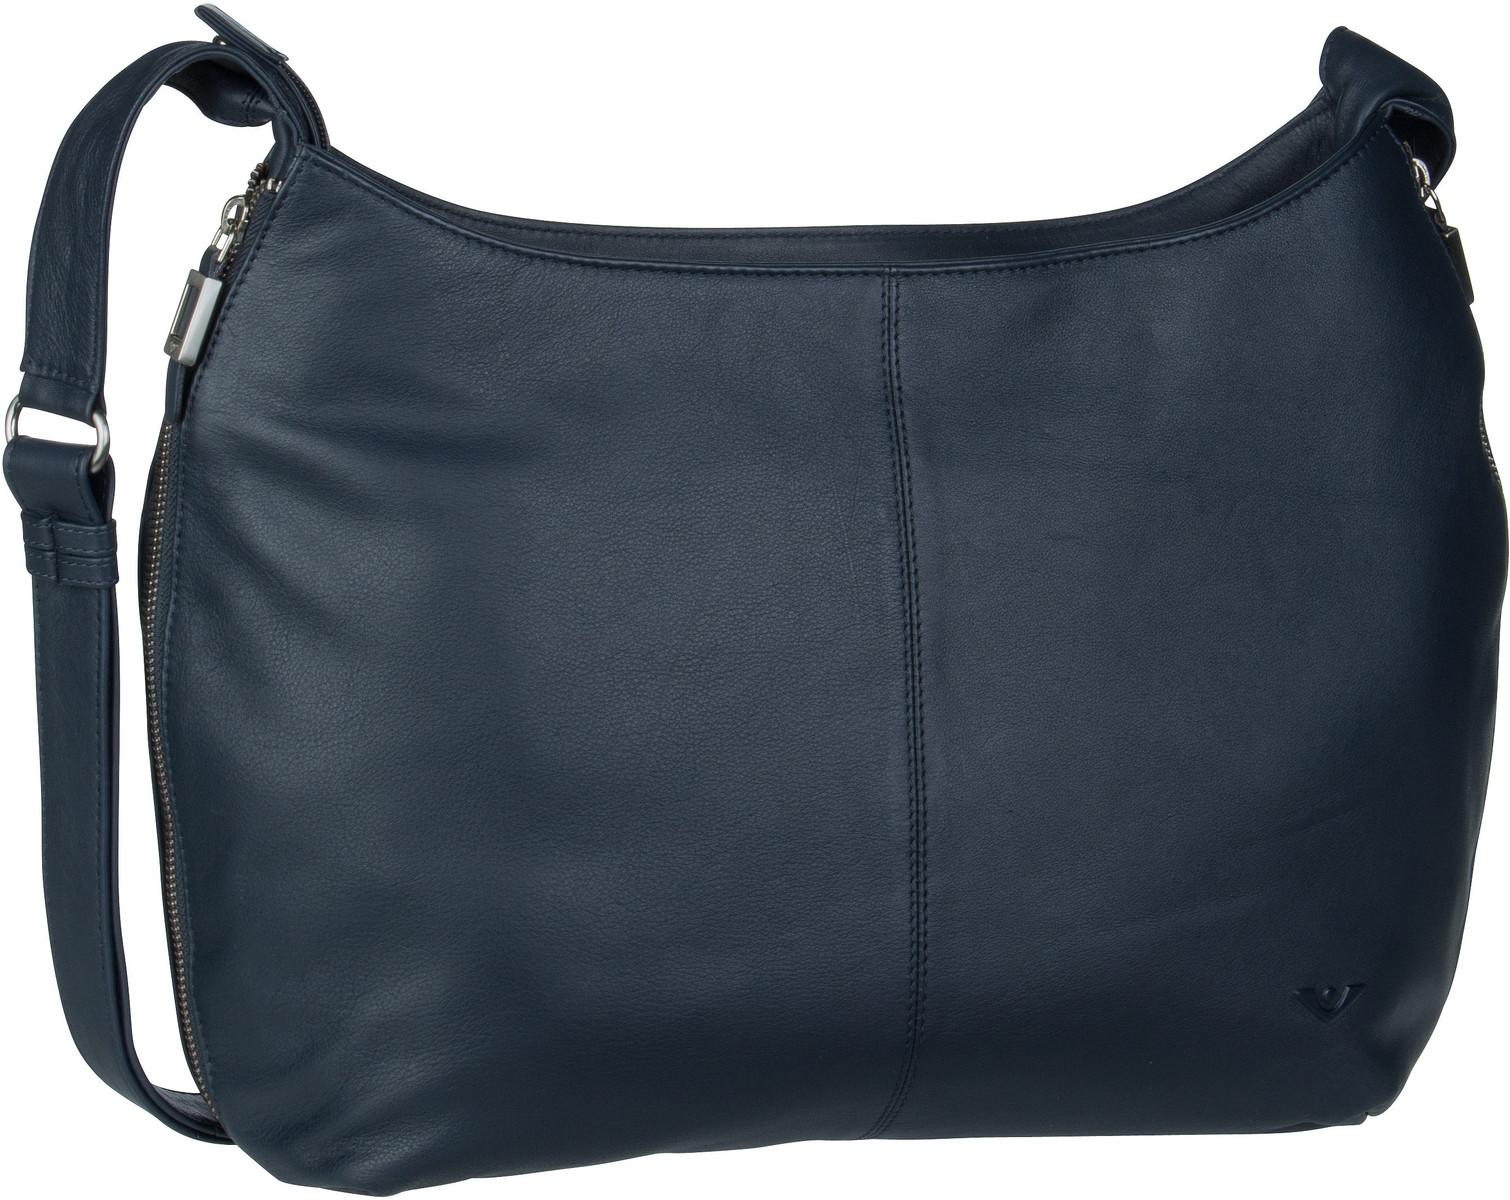 Voi Umhängetasche Soft 21553 Hobo Bag Blau